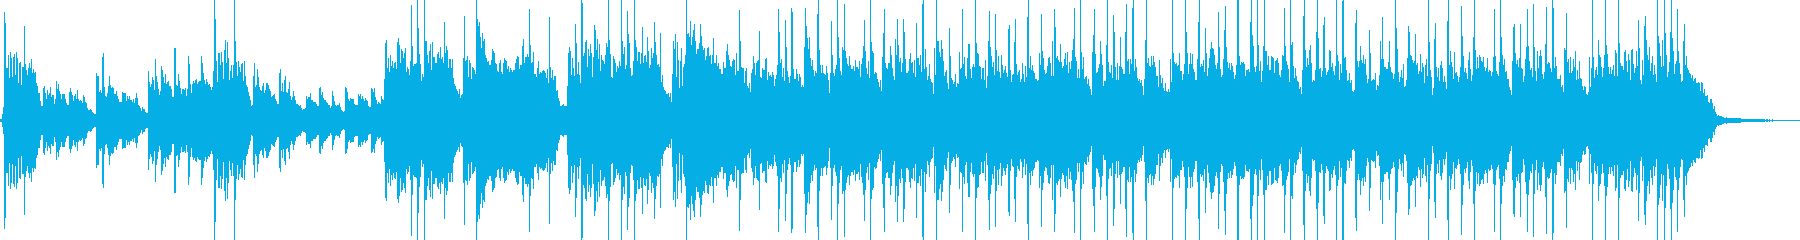 和風ロックリフとデジタルの融合ジングルの再生済みの波形